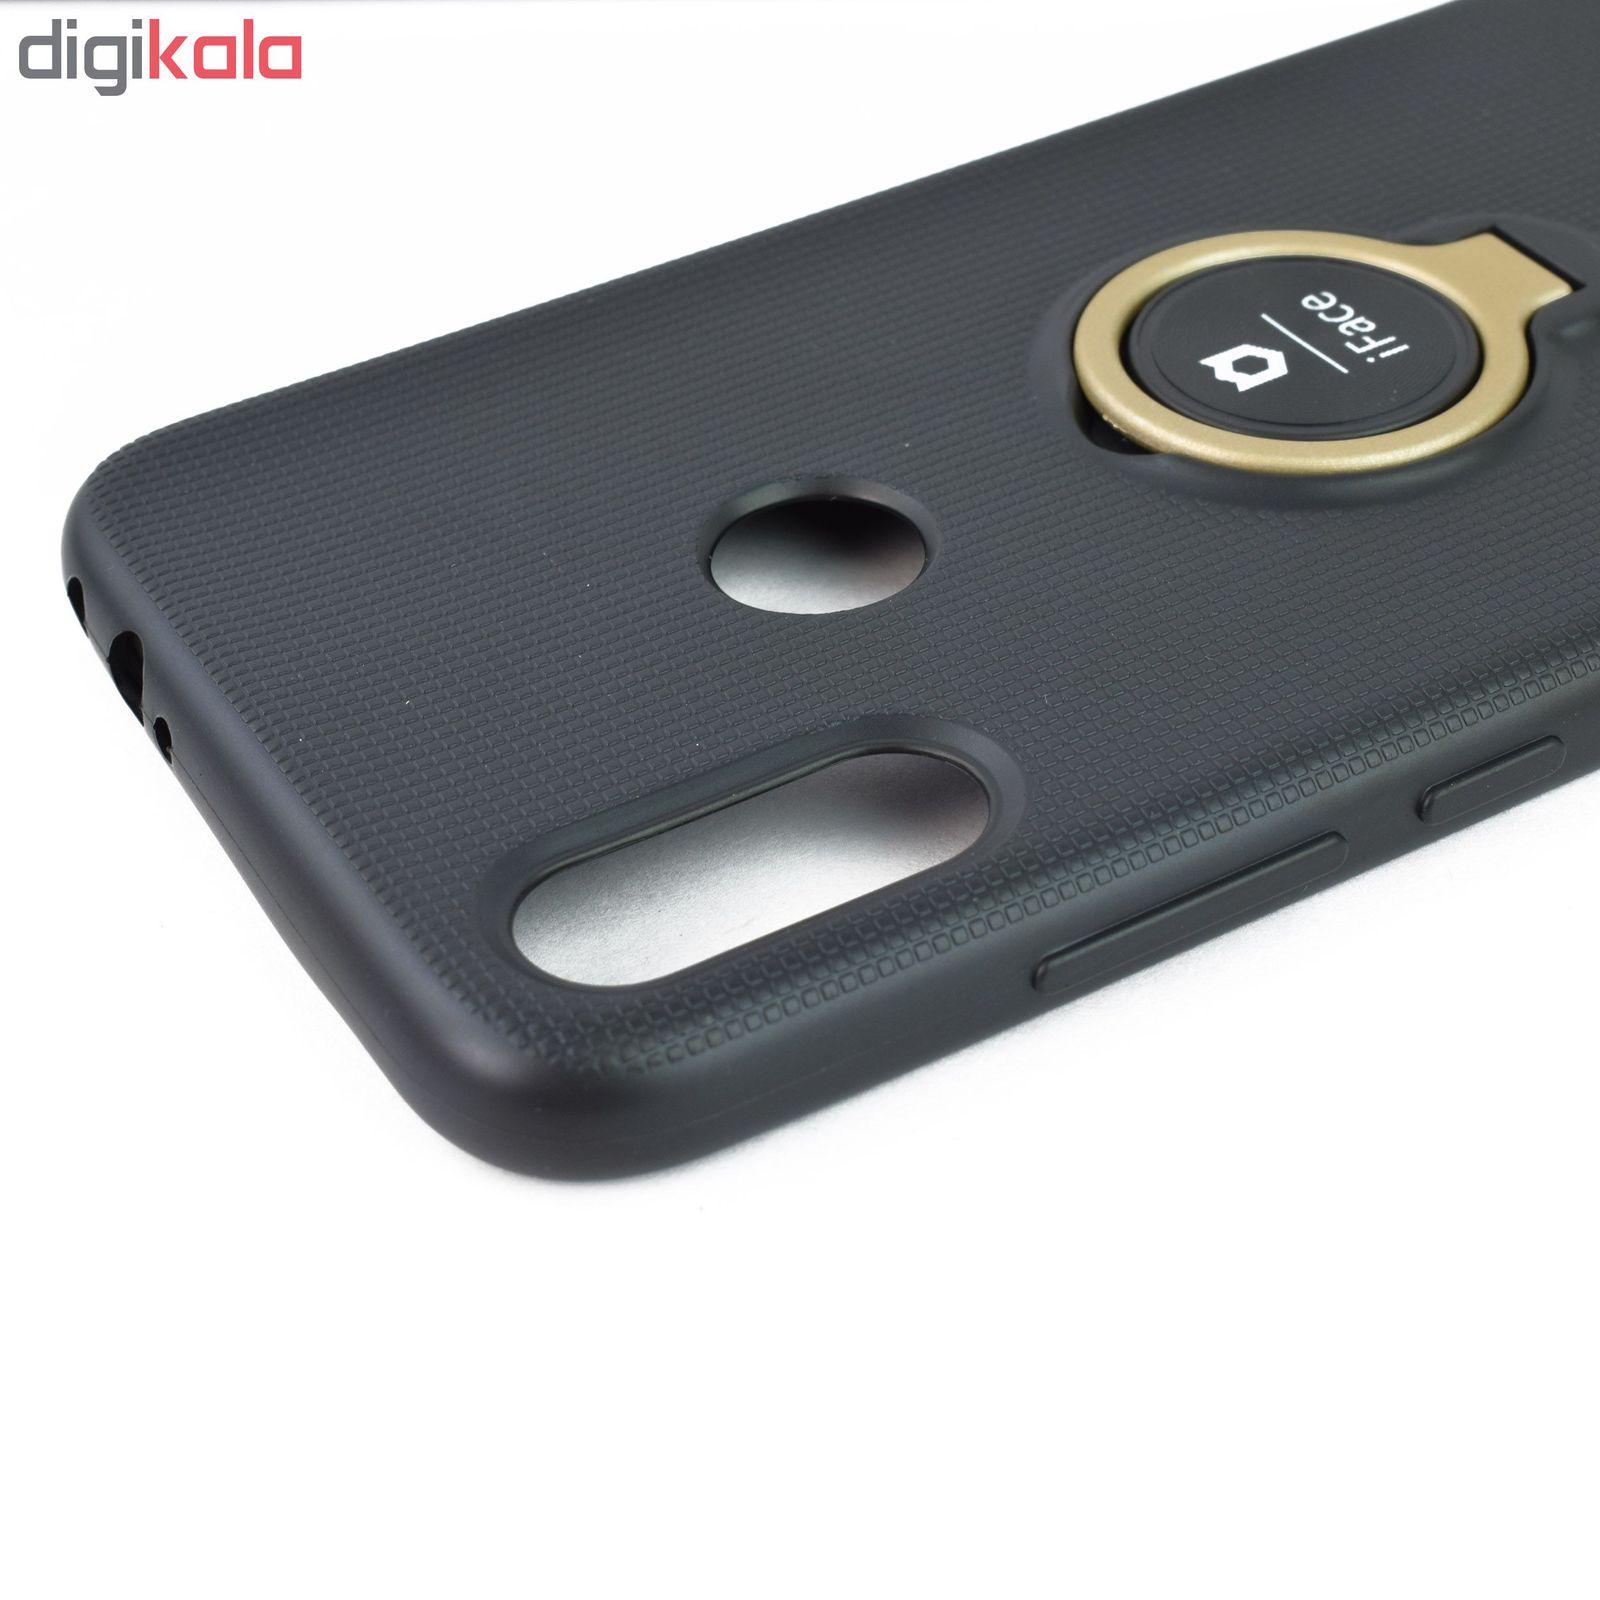 کاور آی فیس مدل IF30 مناسب برای گوشی موبایل شیائومی Redmi Note 7 / Note 7 Pro main 1 8